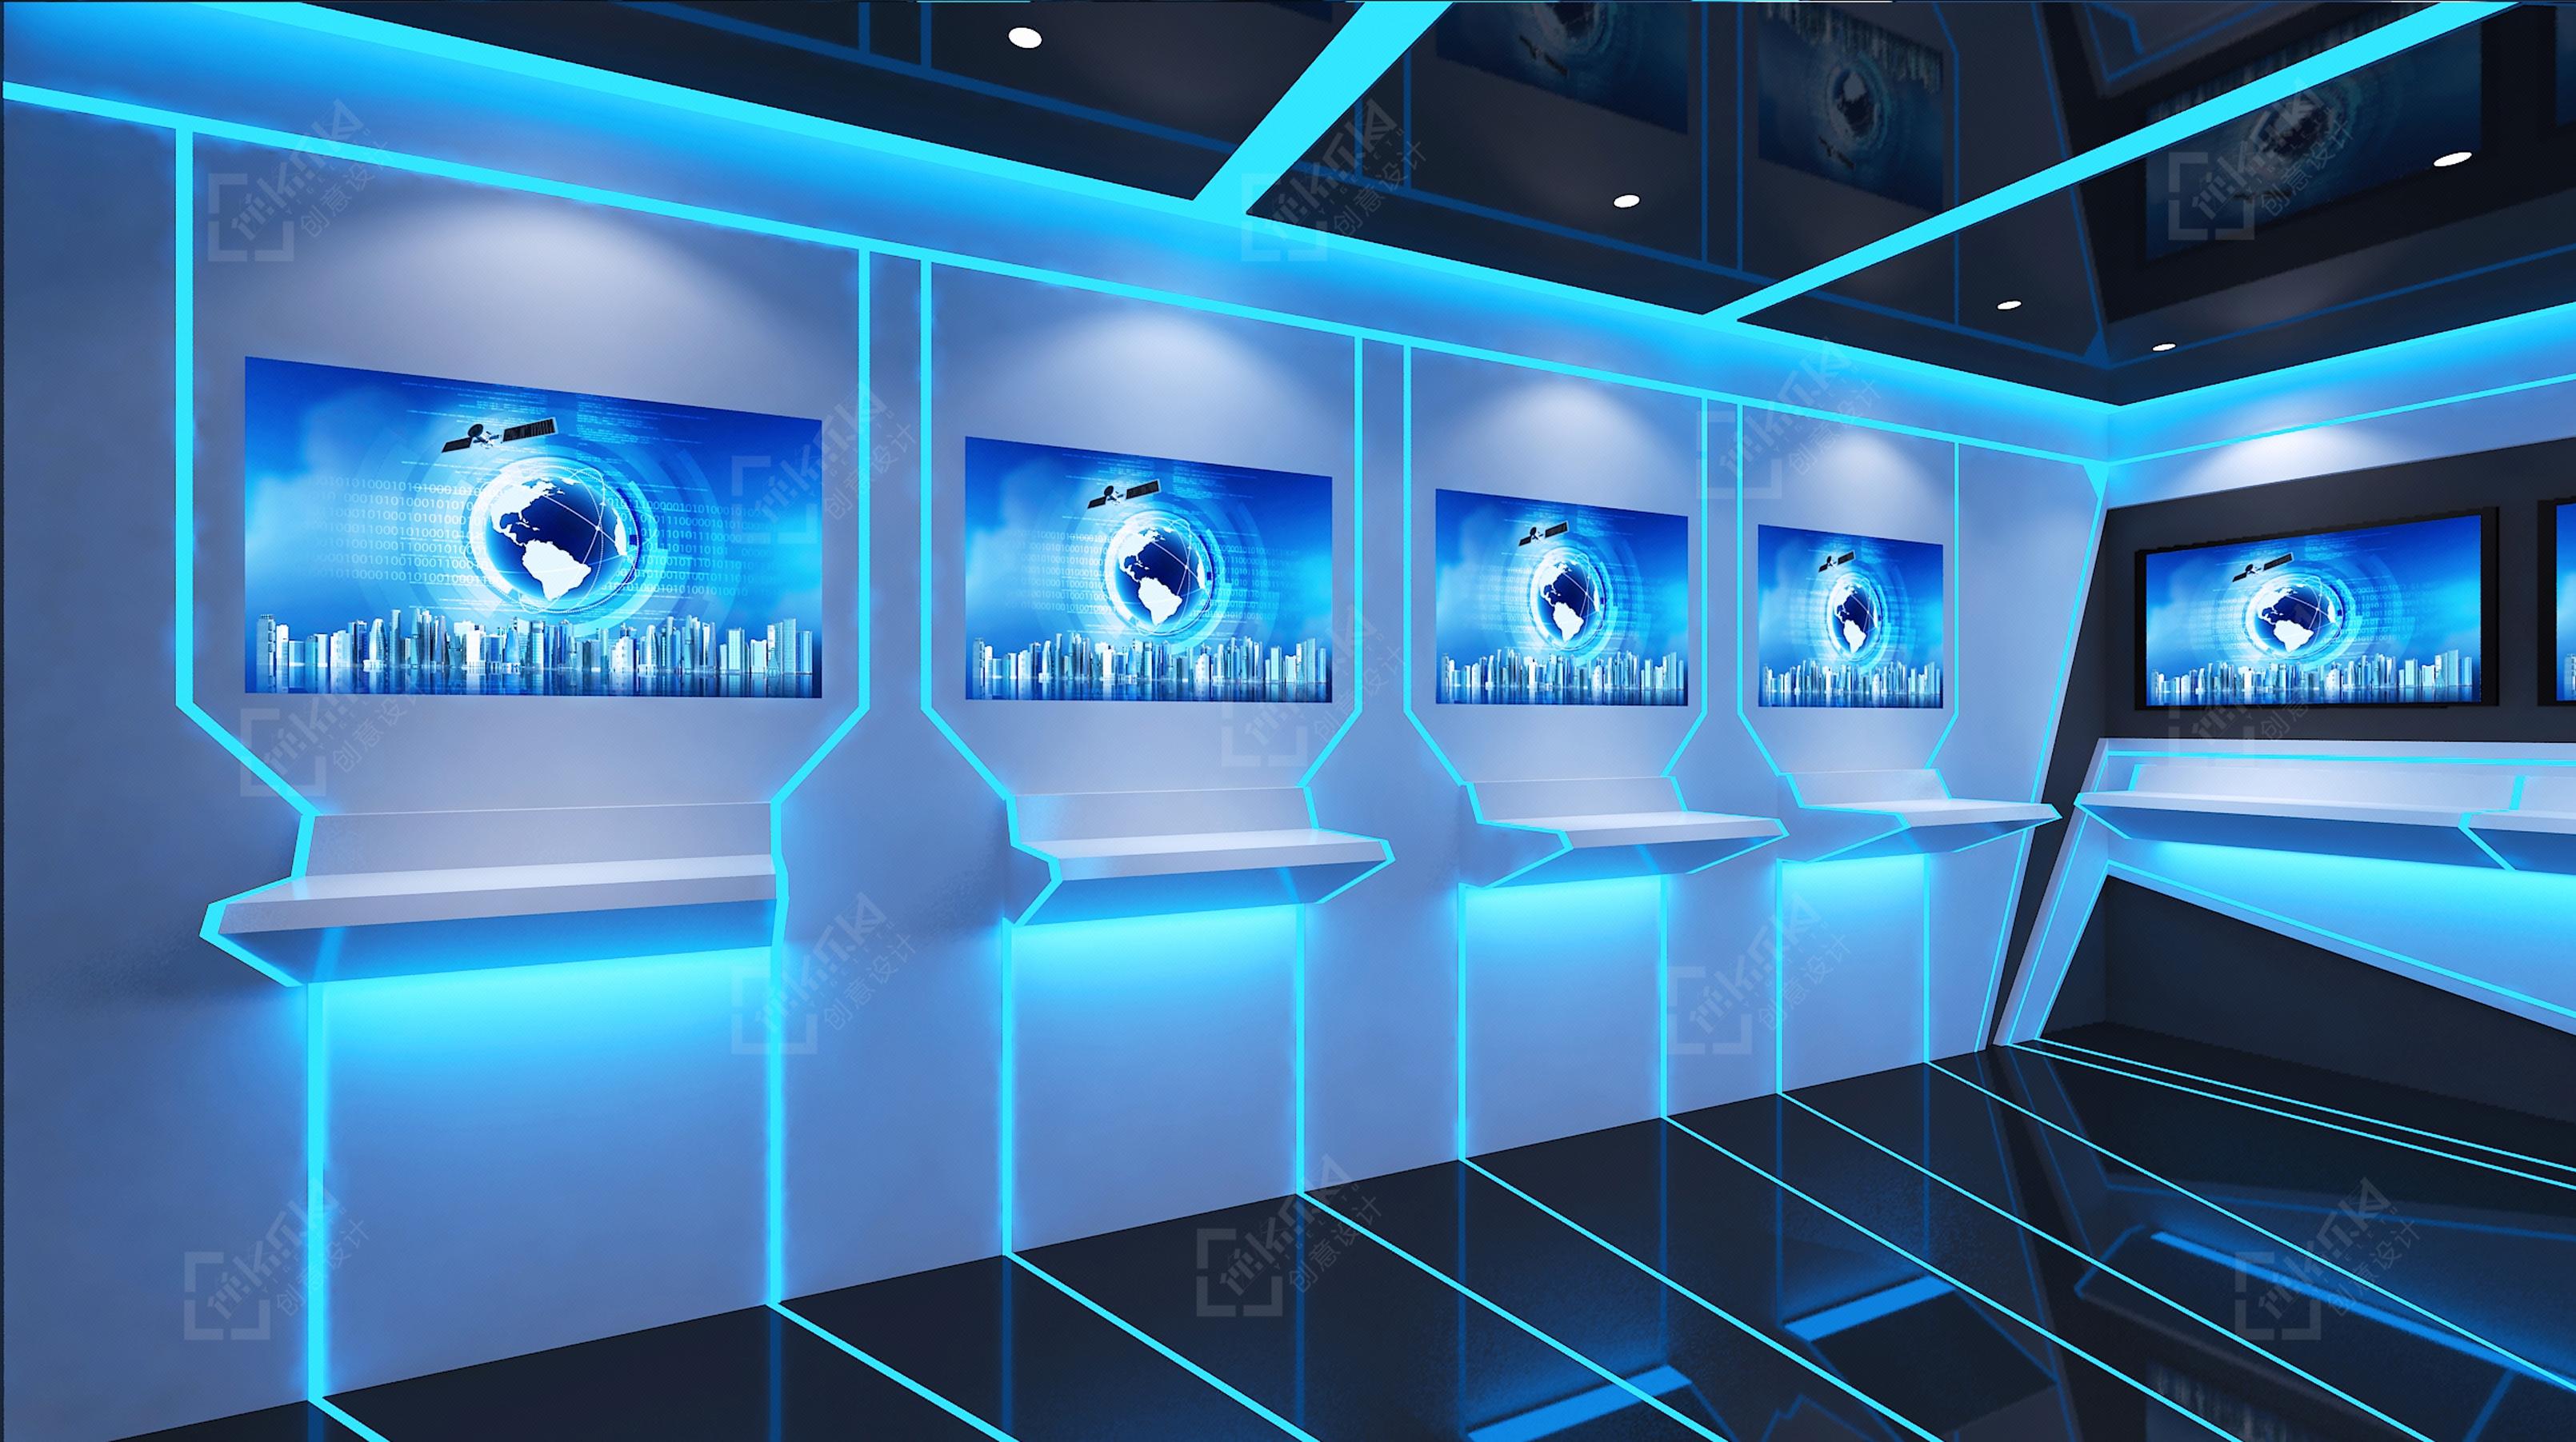 数字化展厅设计,vr虚拟现实展厅,科技展厅,环保宣教中心